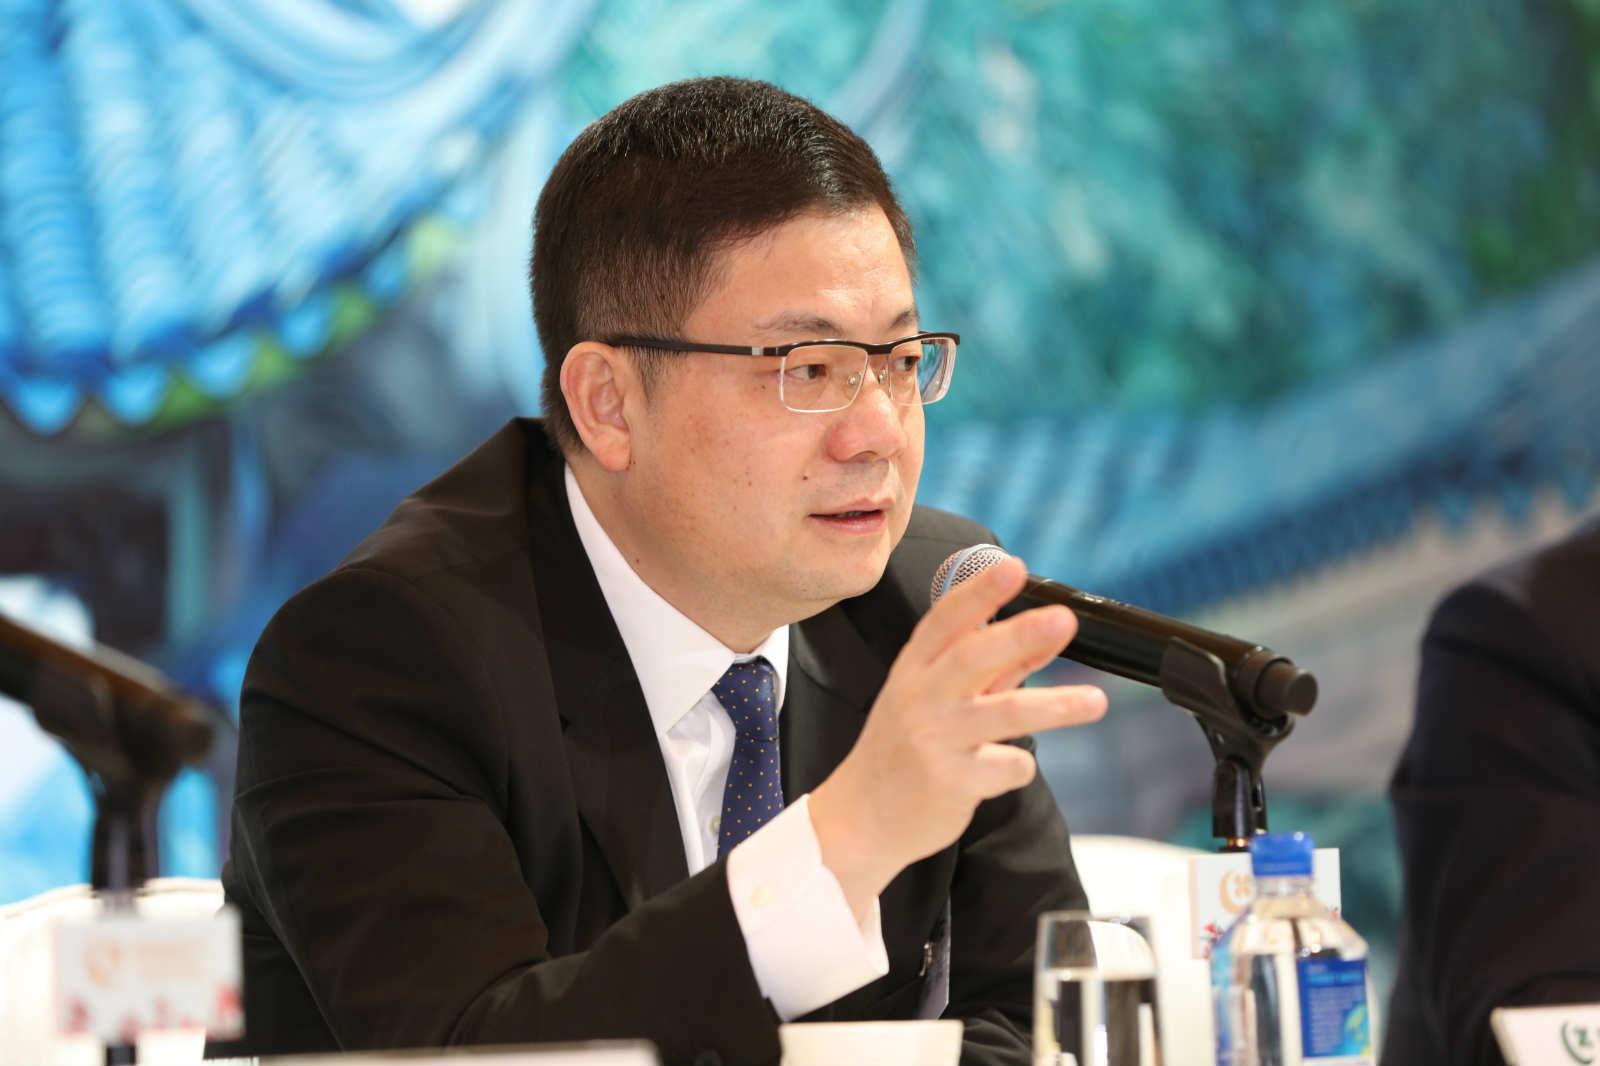 绿城曹舟南:明年销售规模突破2000亿 轻资产平台将释放更